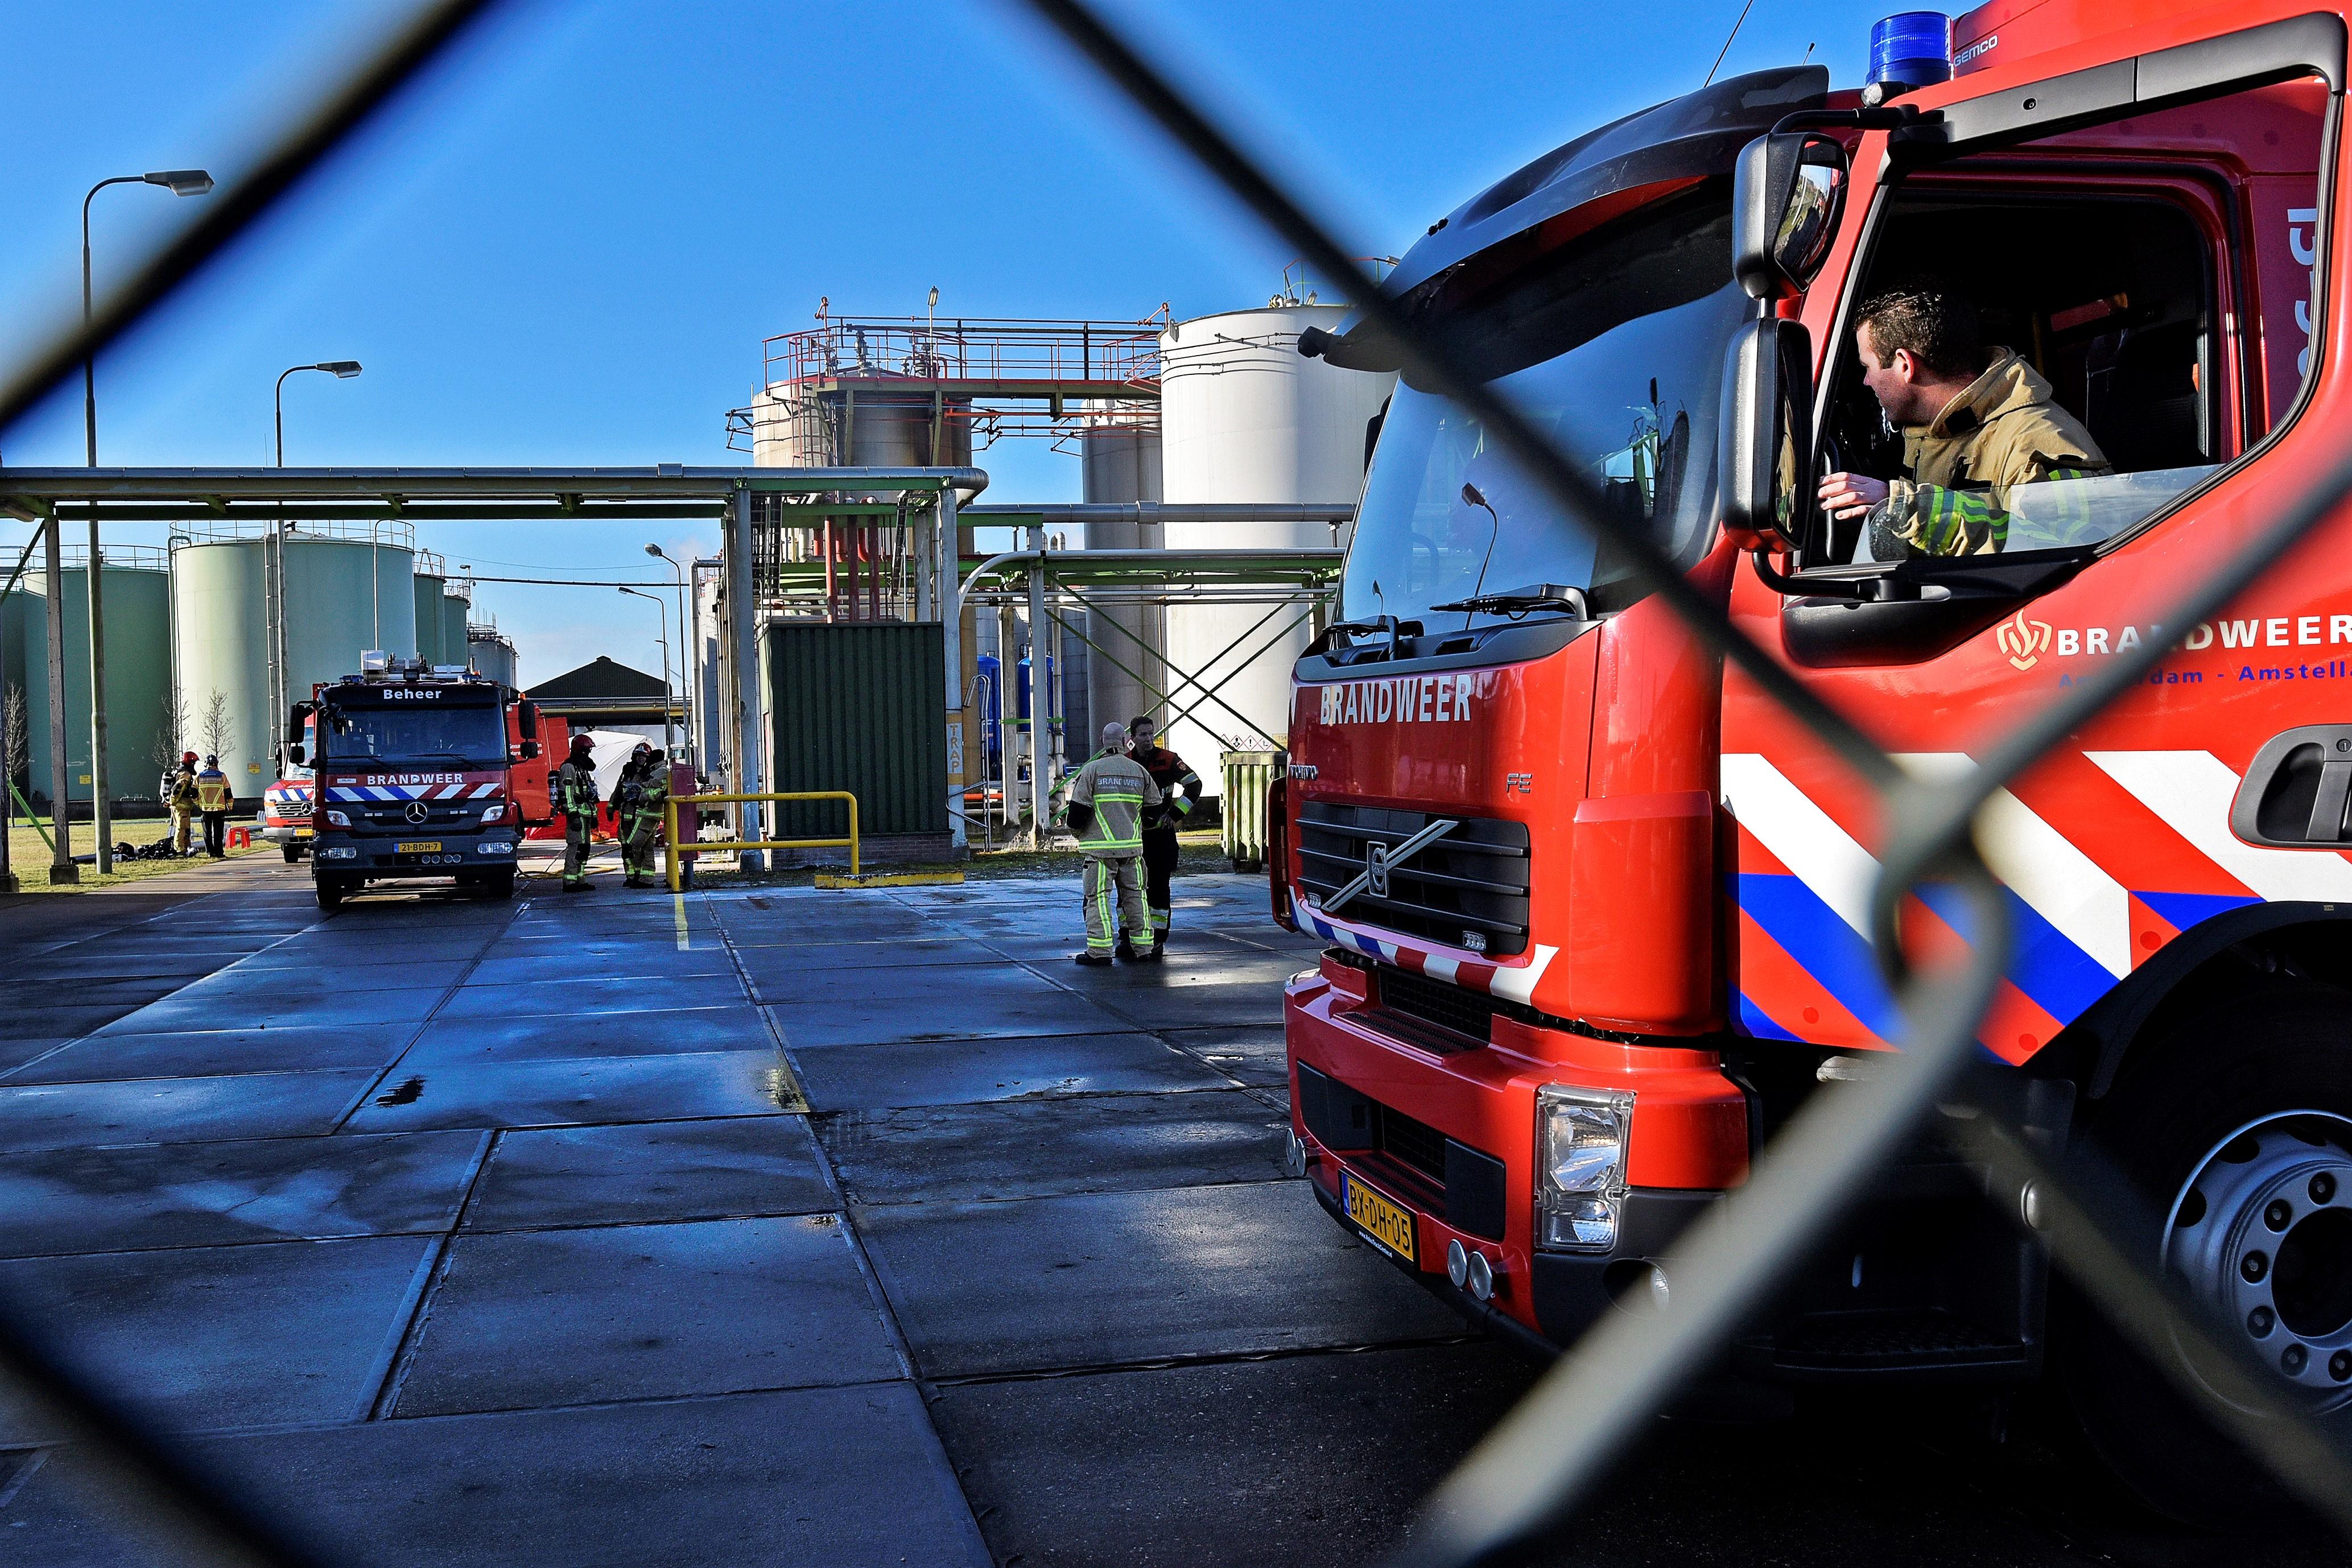 Afbeelding bij onderzoek Brandweerzorg in de Amsterdamse haven. Een terrein waarop twee brandweerauto's staan